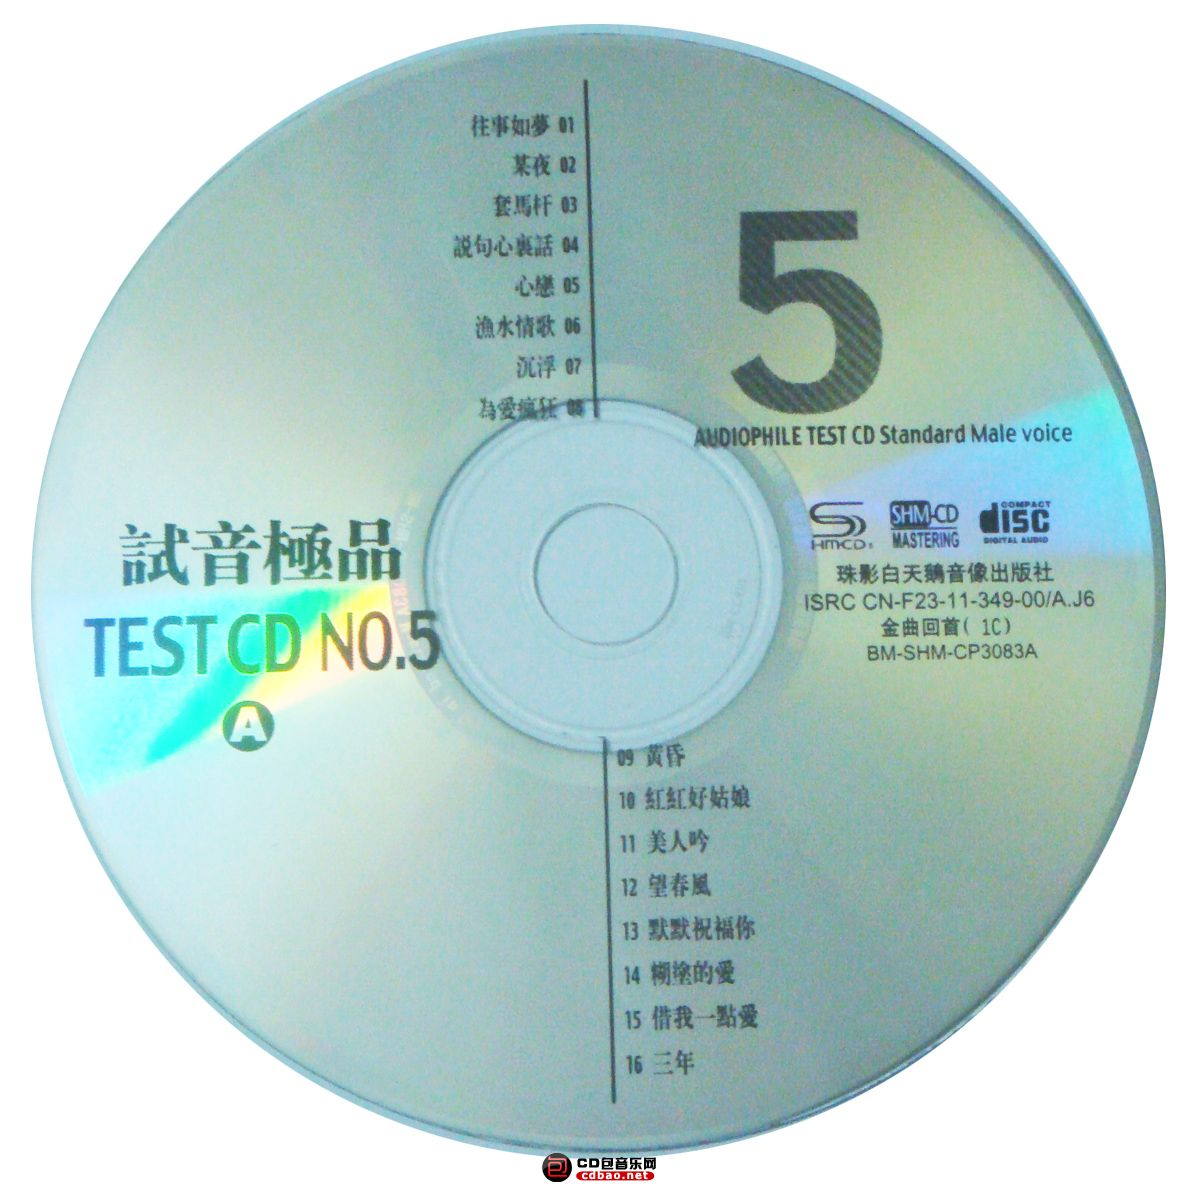 动听绝伦发烧极品 试音极品 TEST CD 5